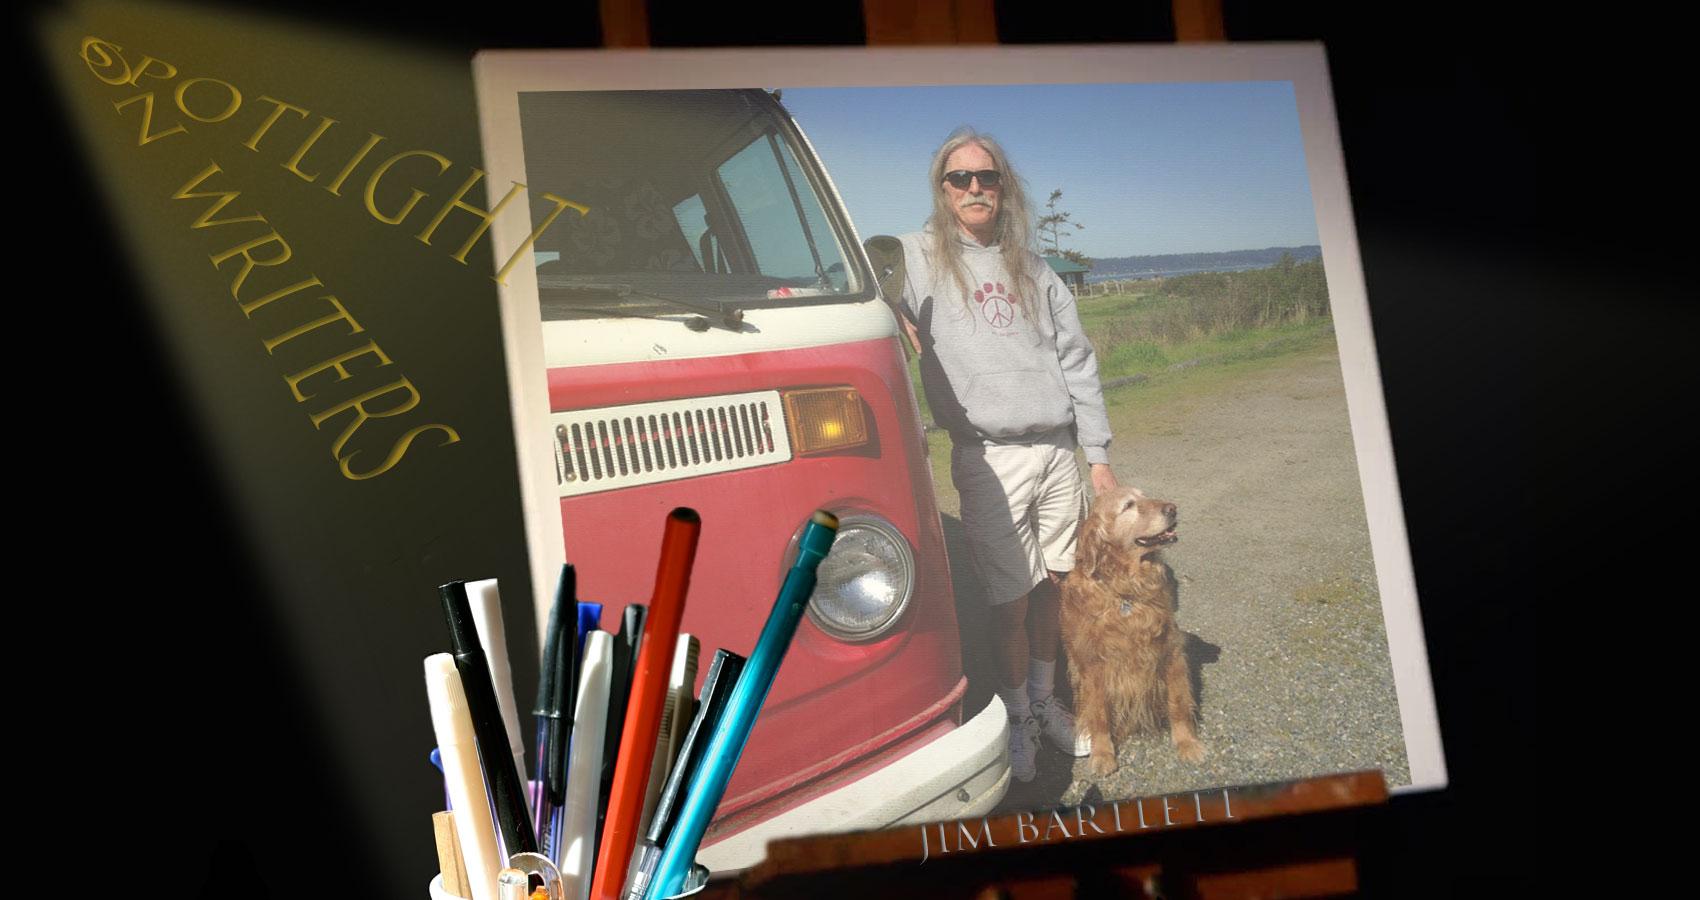 Spotlight On Writers - Jim Bartlett, an interview at Spillwords.com